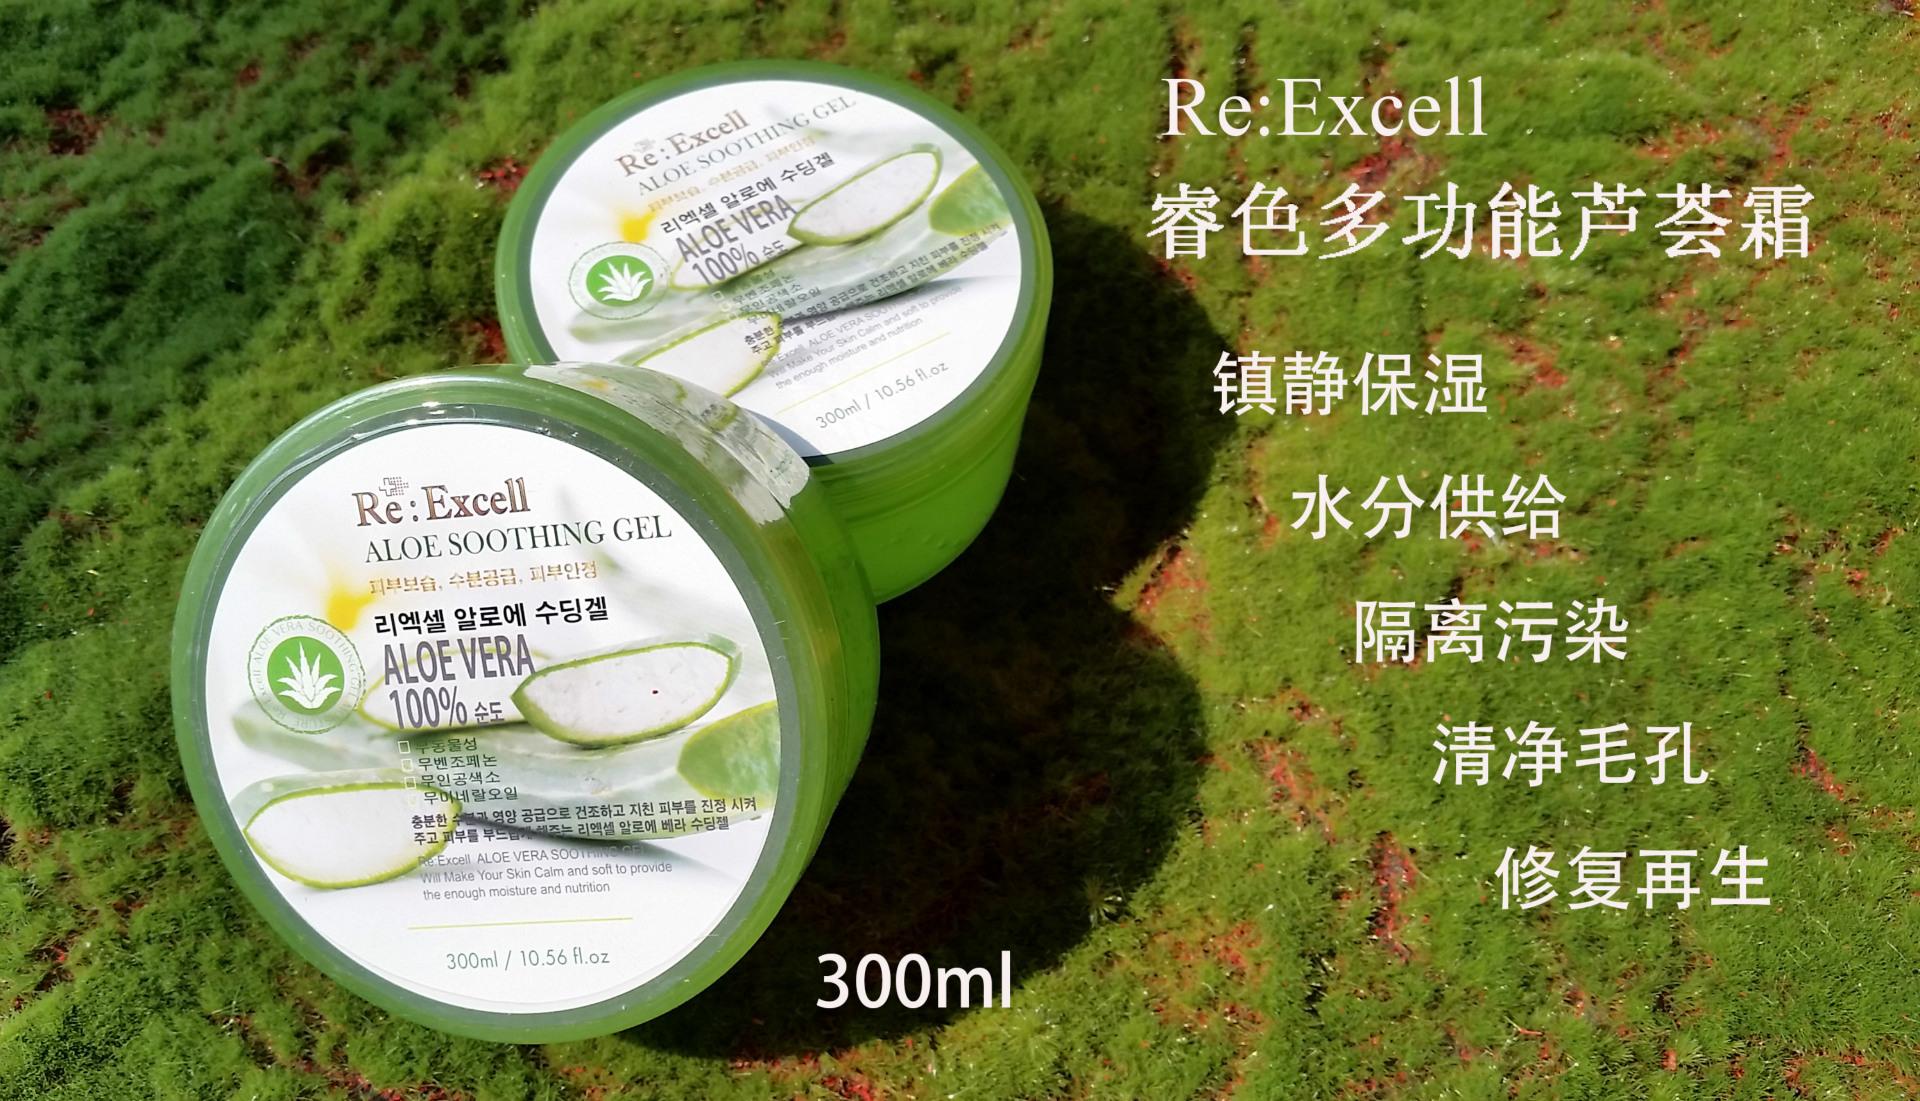 한국 re:excell 예은이 색 알로에 크림 보습 补水 안티 연무 격리 알로에 고무 겔 300ml